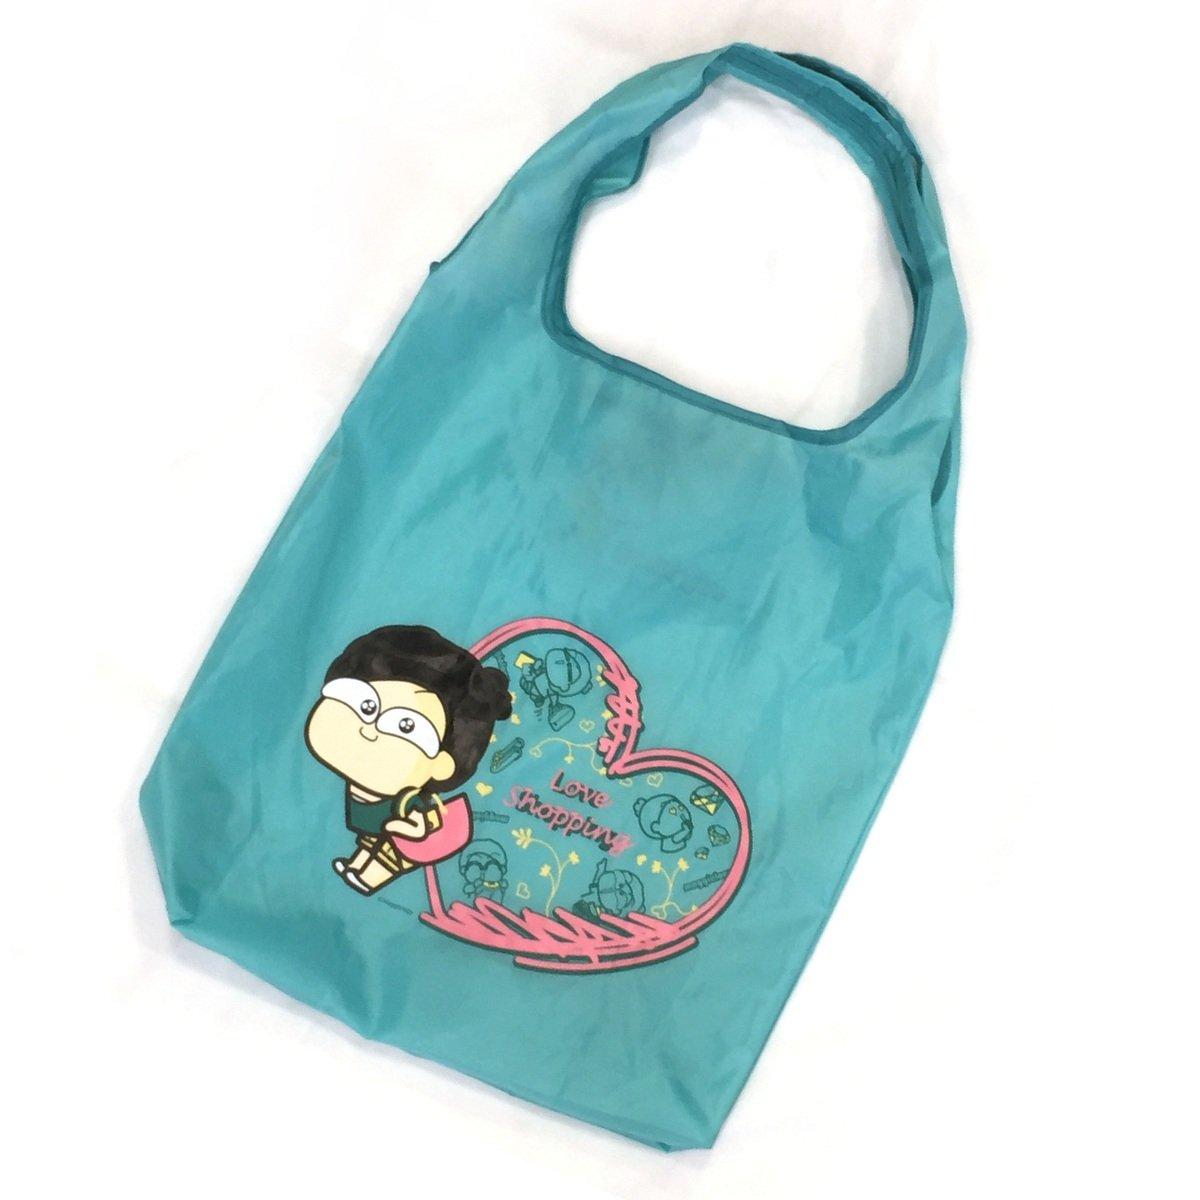 馬仔摺合式購物袋 (綠色)